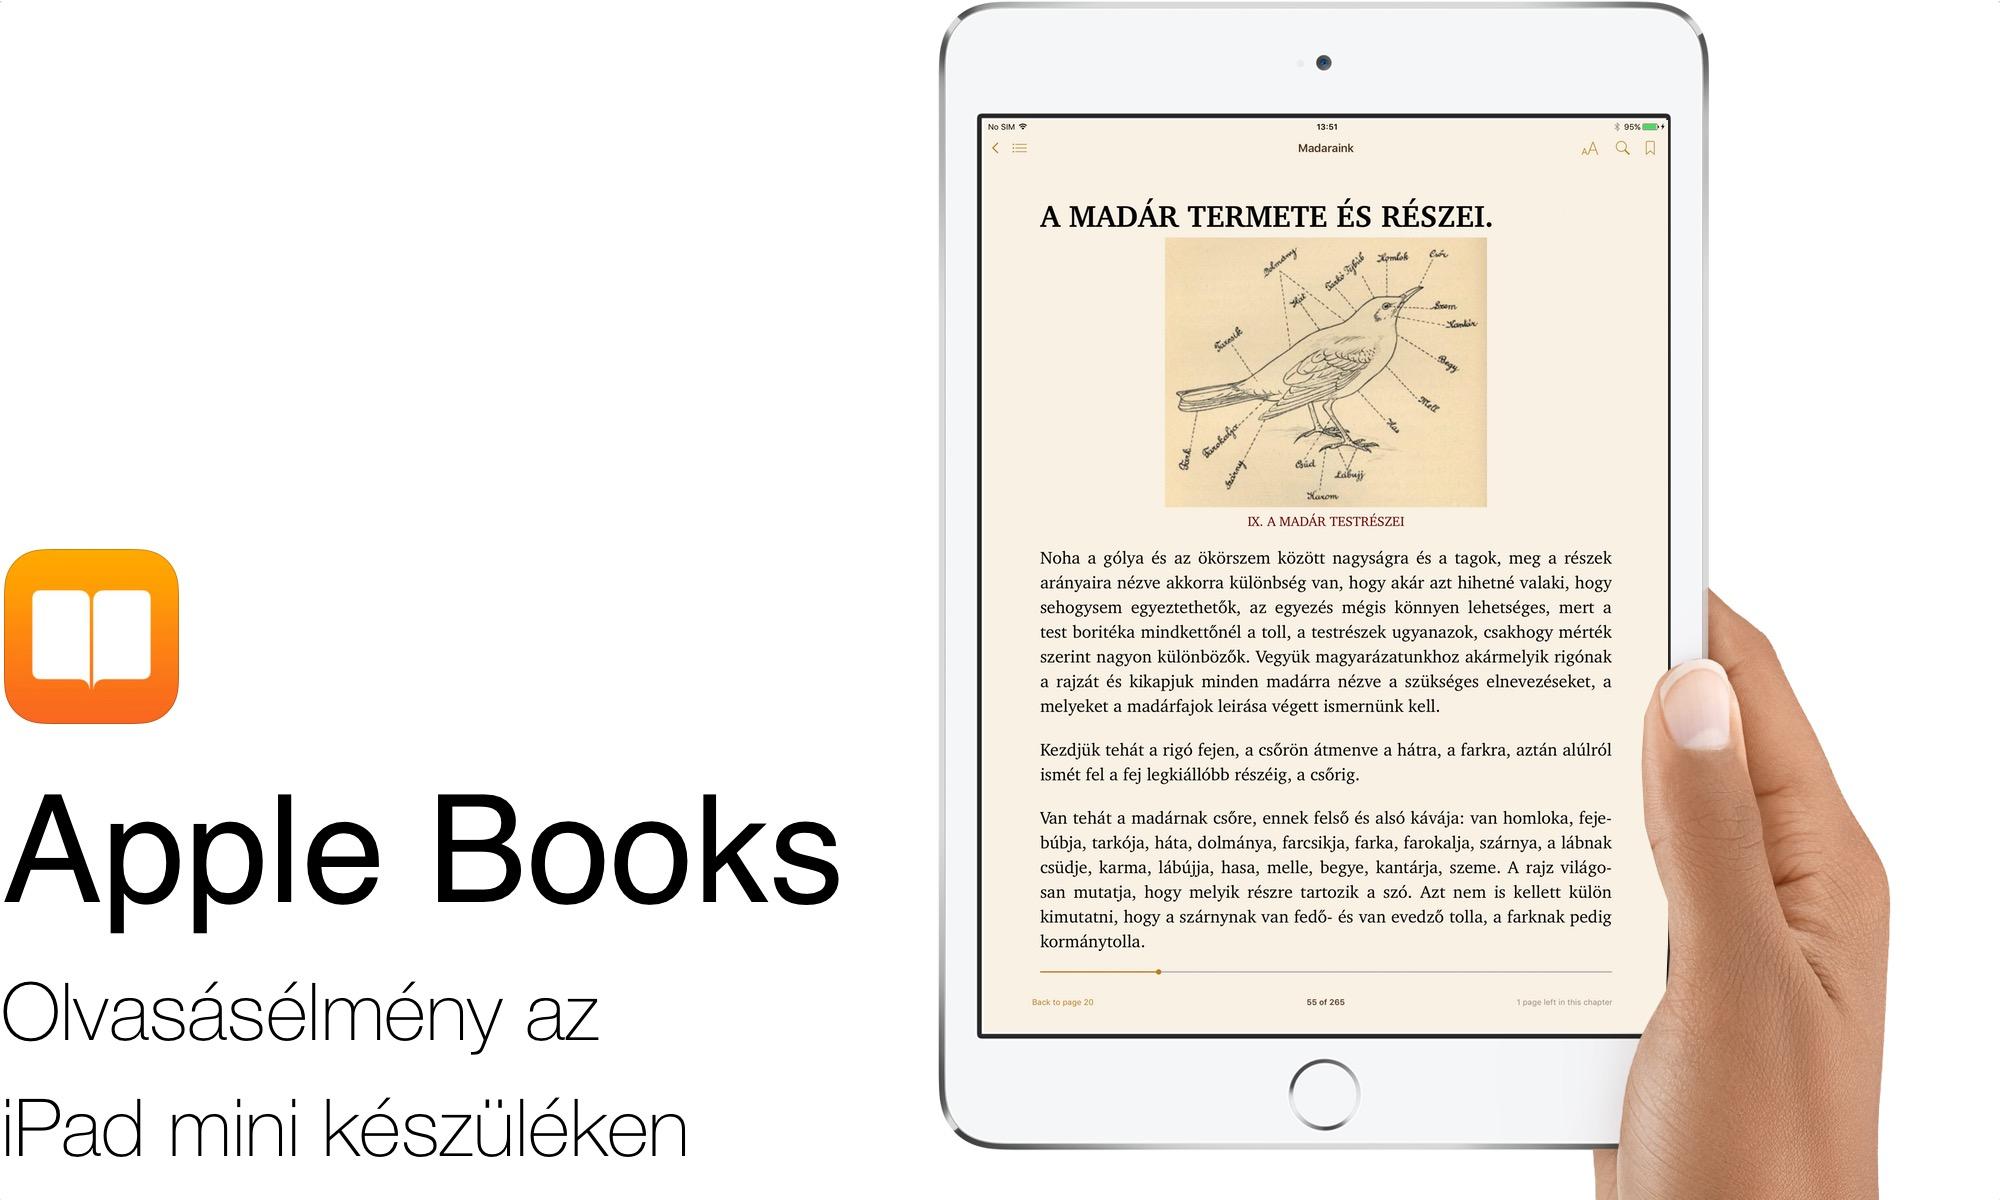 Apple Books - könyvolvasás az iPad mini felületén